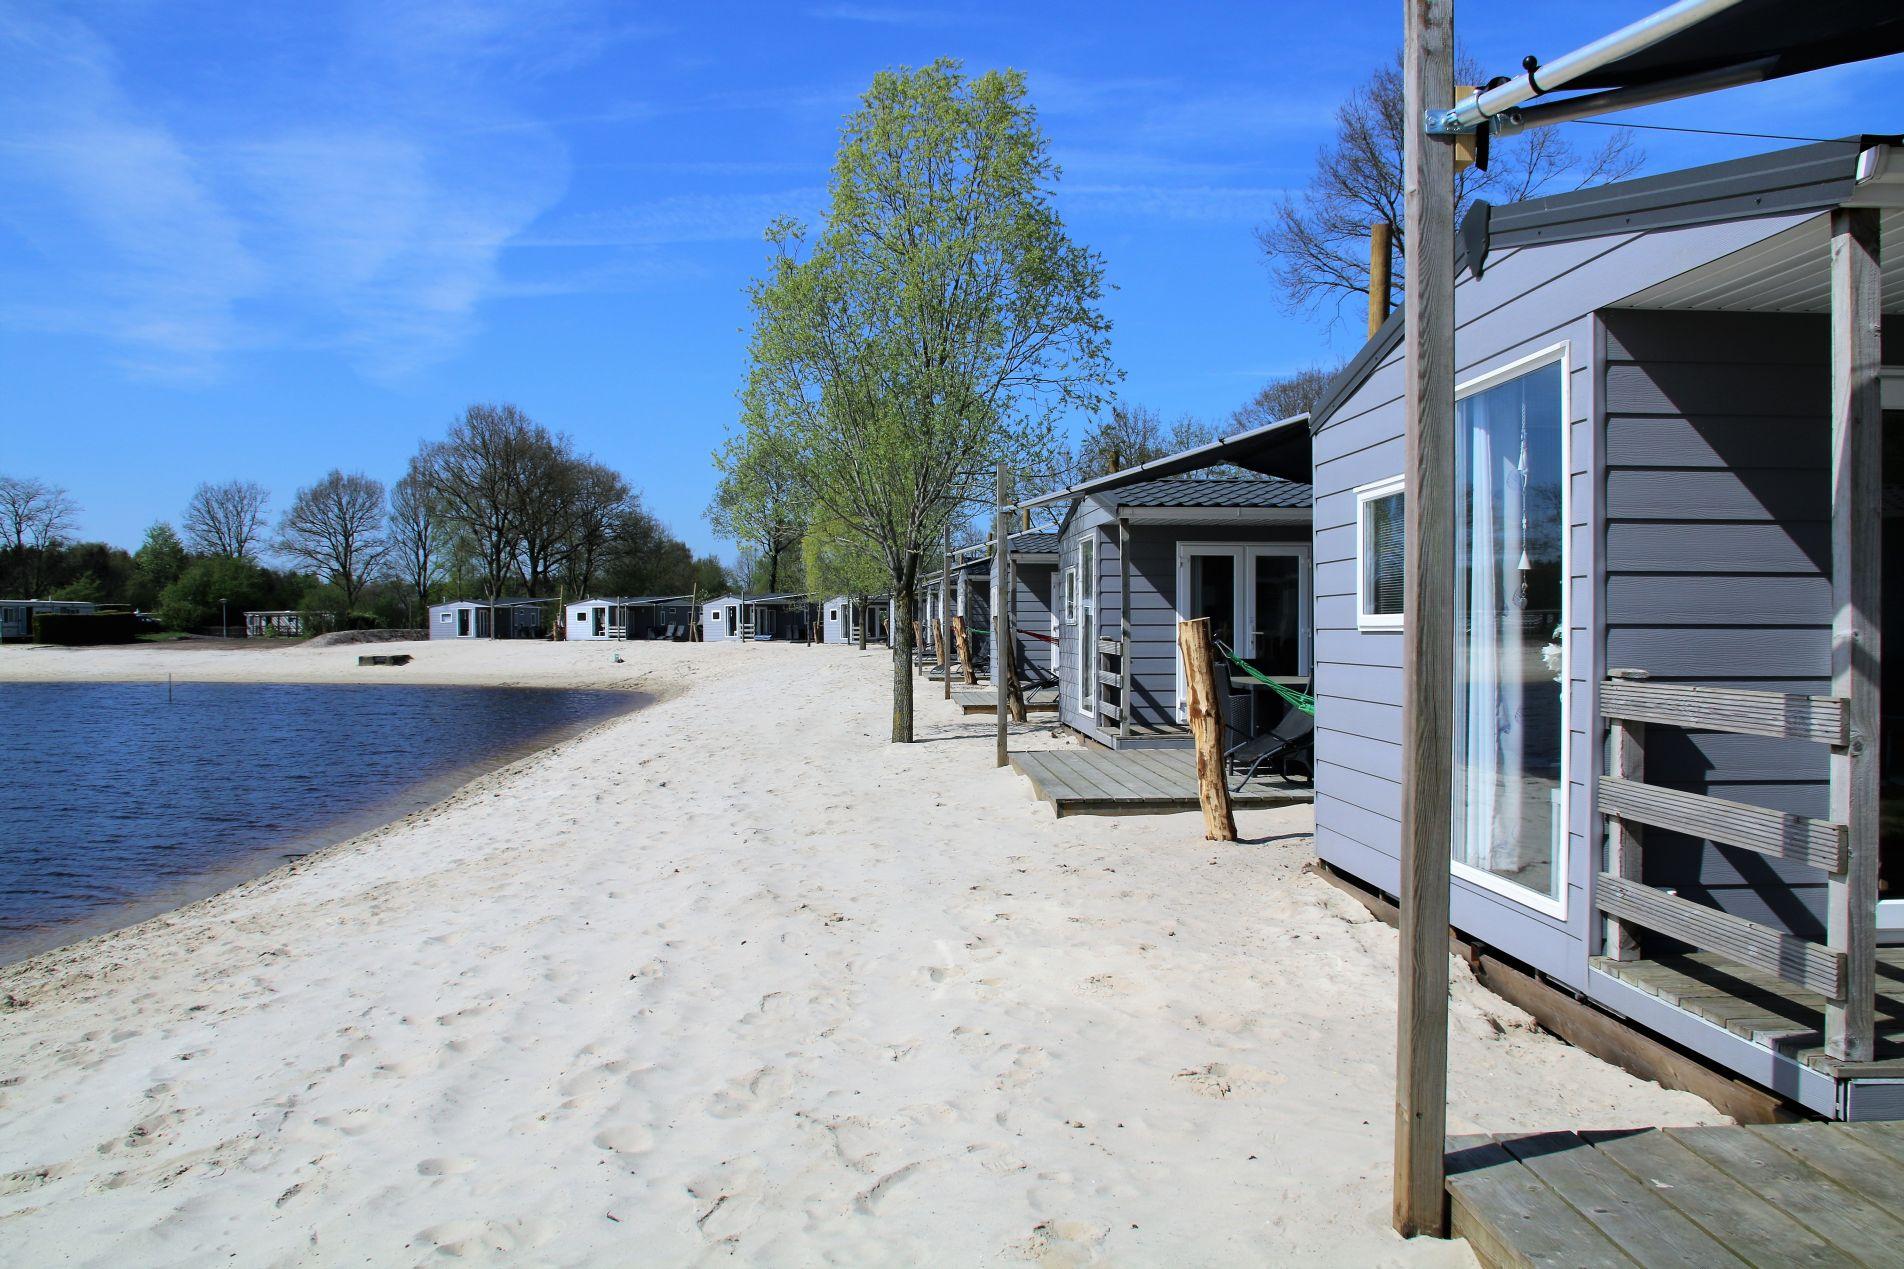 Strandchalet met overdekt terras! - mooie strandchalets